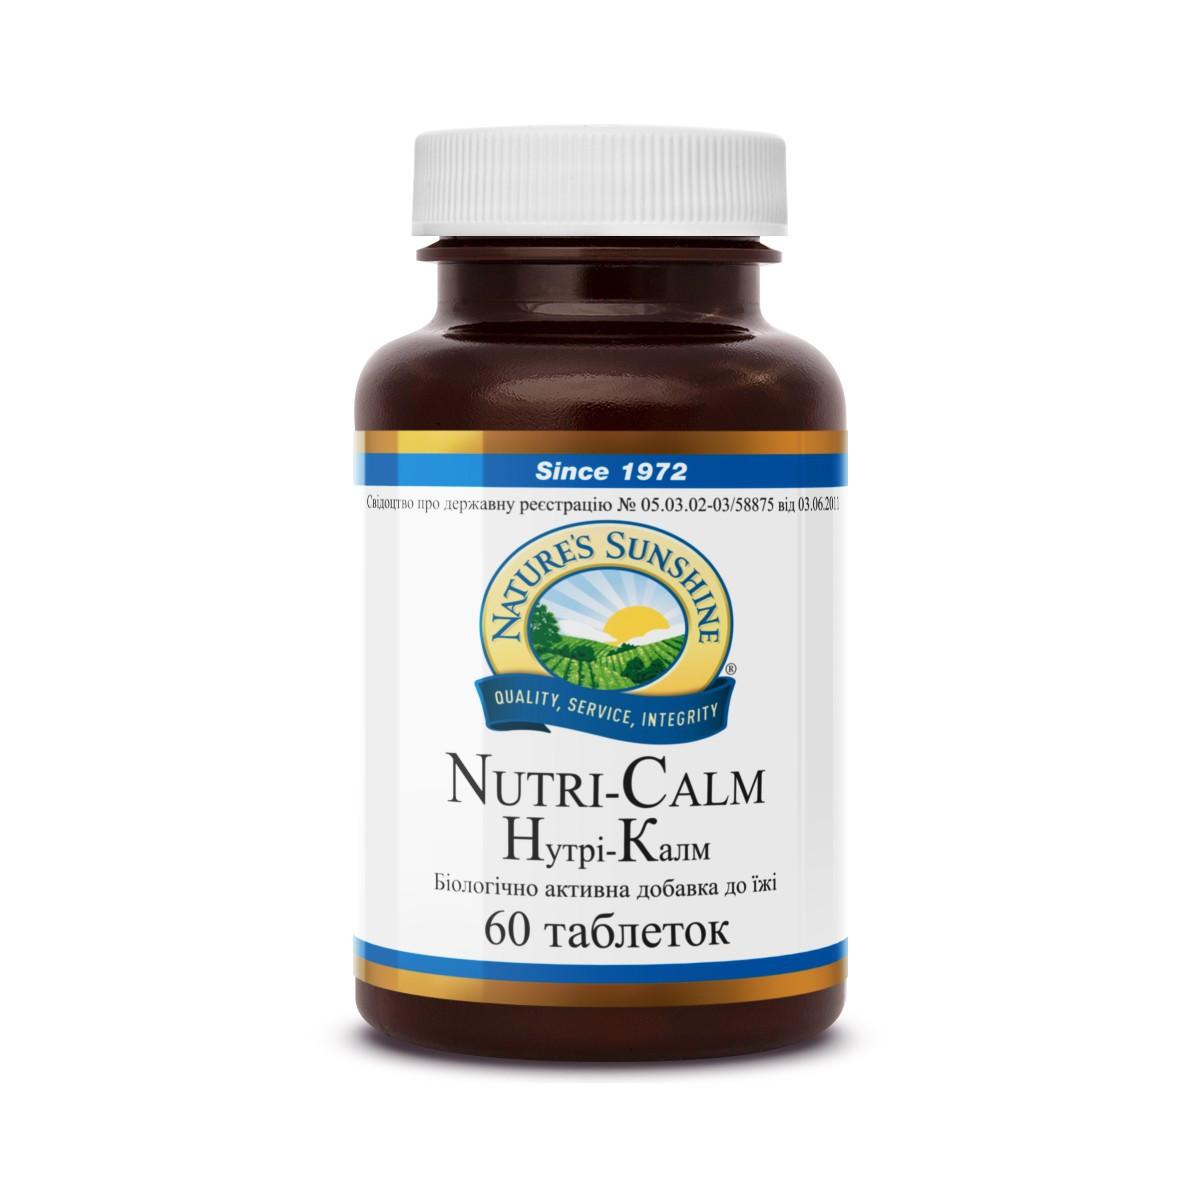 Nutri - Calm Нутри - Калм, NSP, НСП, США.   Натуральные витамины групп B и  C для увеличения работоспособности